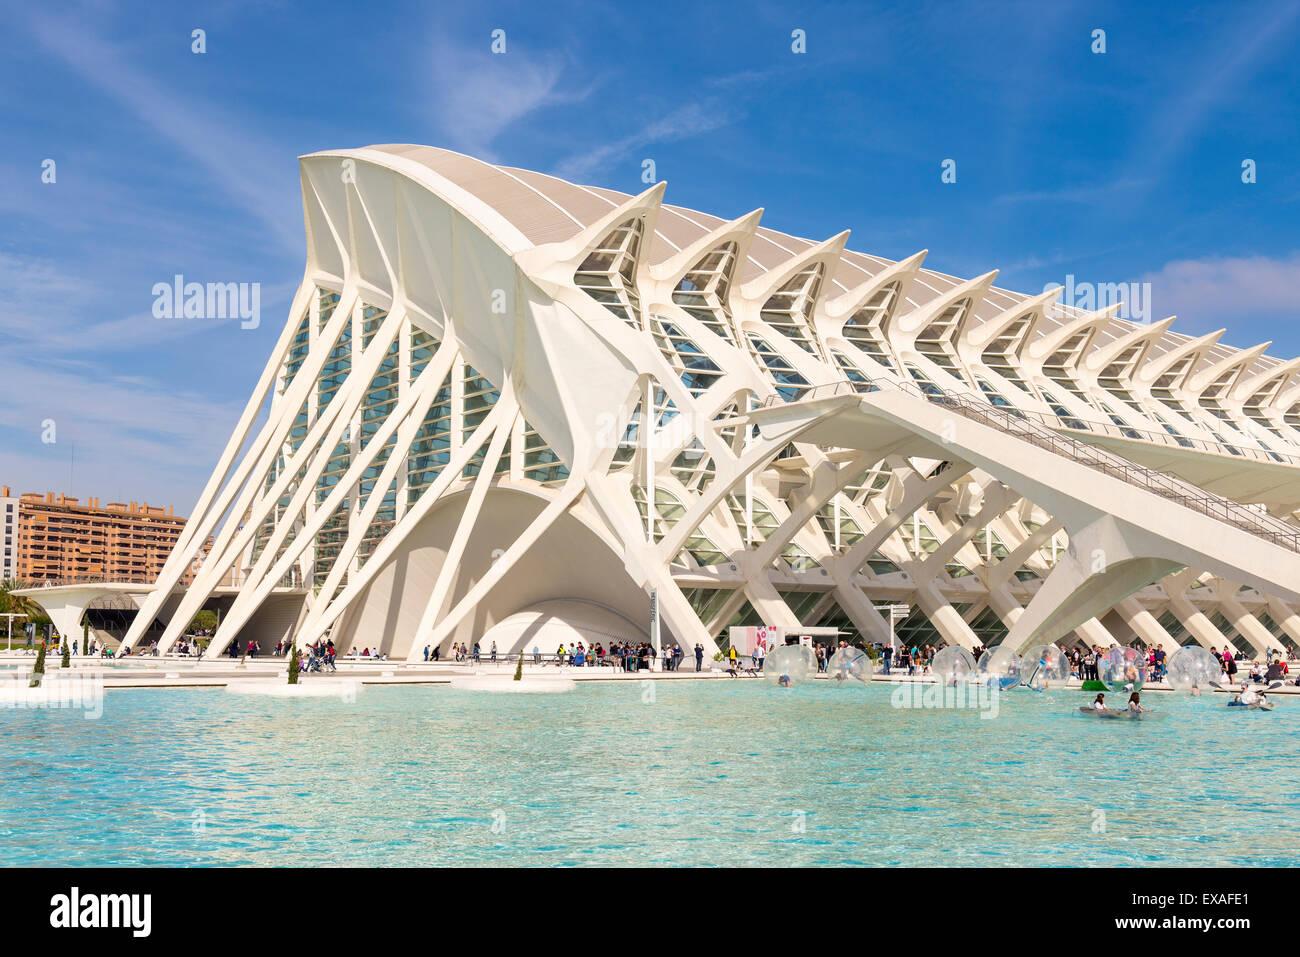 La Ciudad de las Artes y las Ciencias (Stadt der Künste und Wissenschaften), Valencia, Spanien, Europa Stockbild